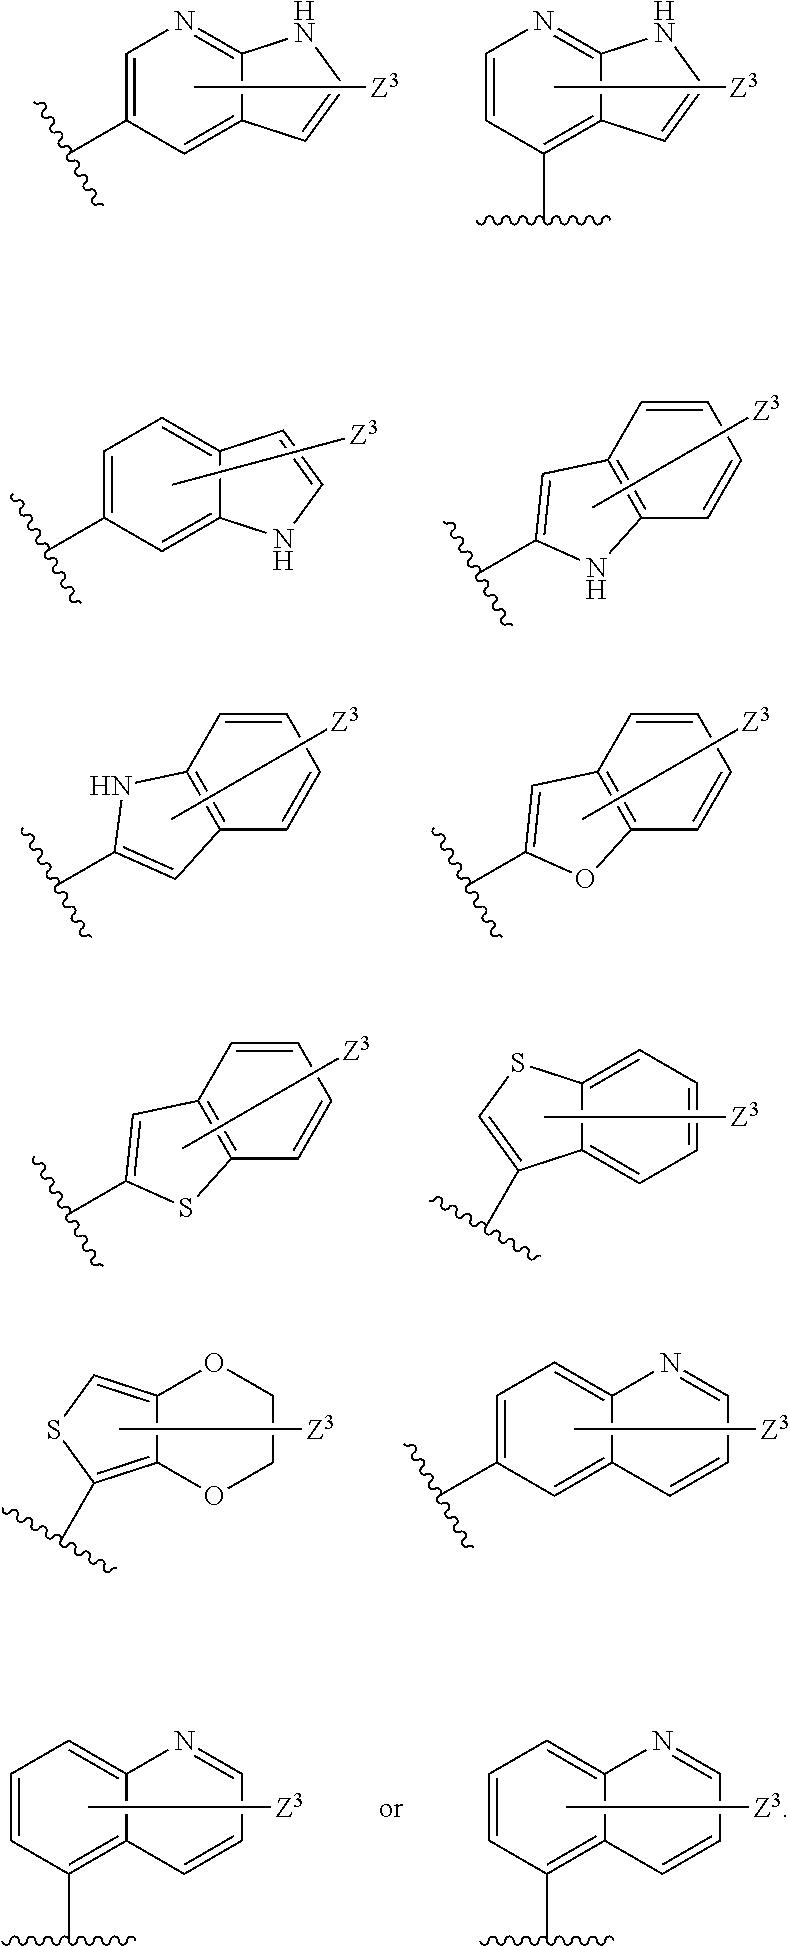 Figure US20120046295A1-20120223-C00020